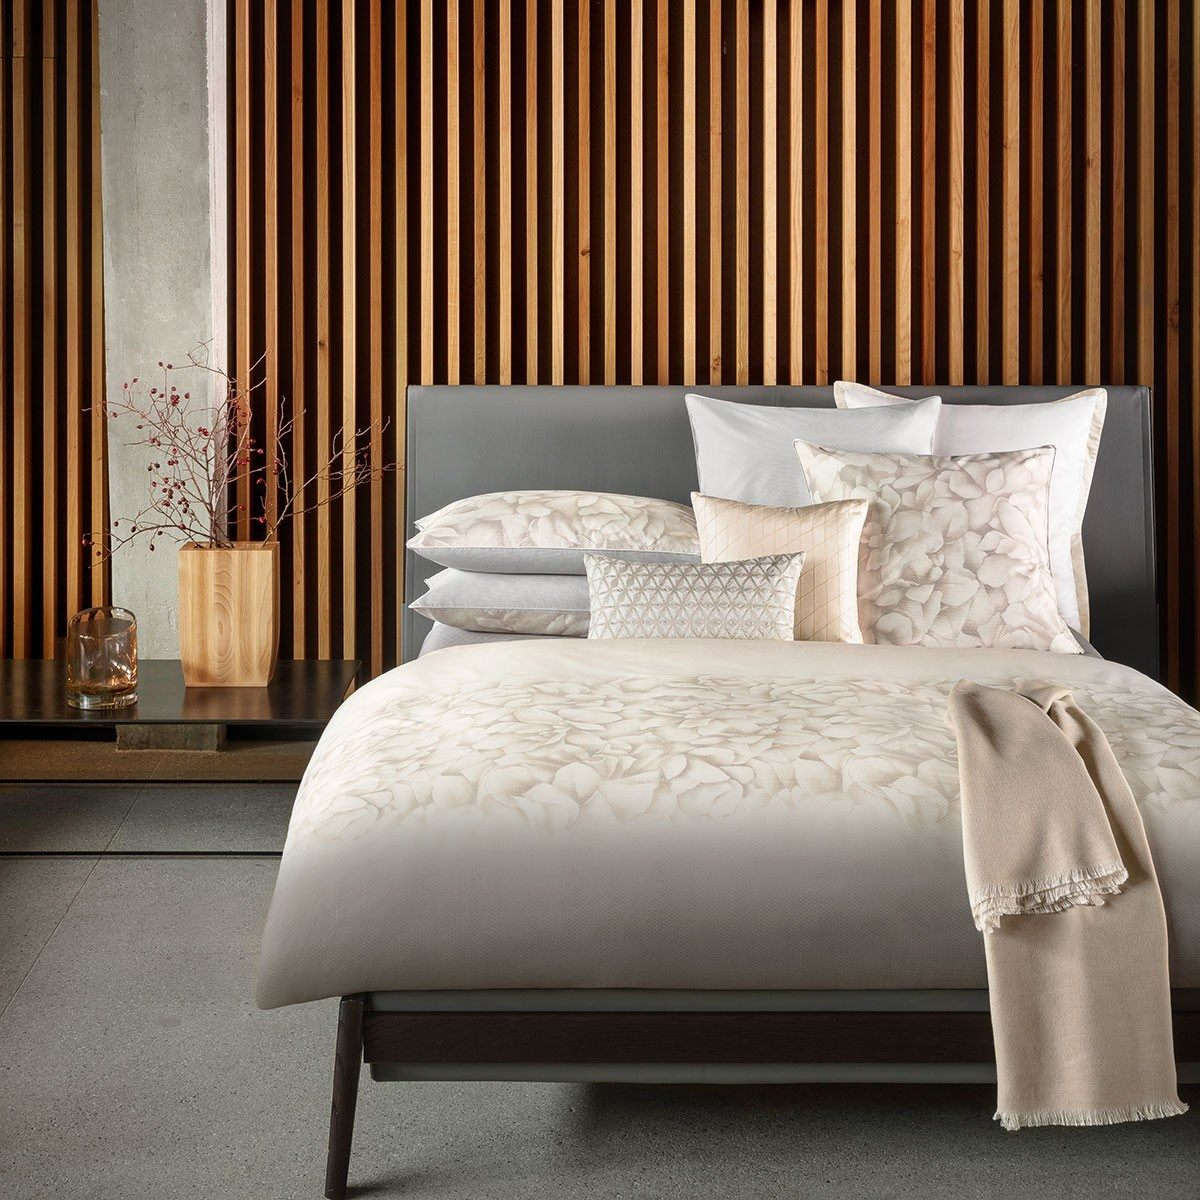 linge de lit descamps destockage inspir lit haut de gamme l gant lit